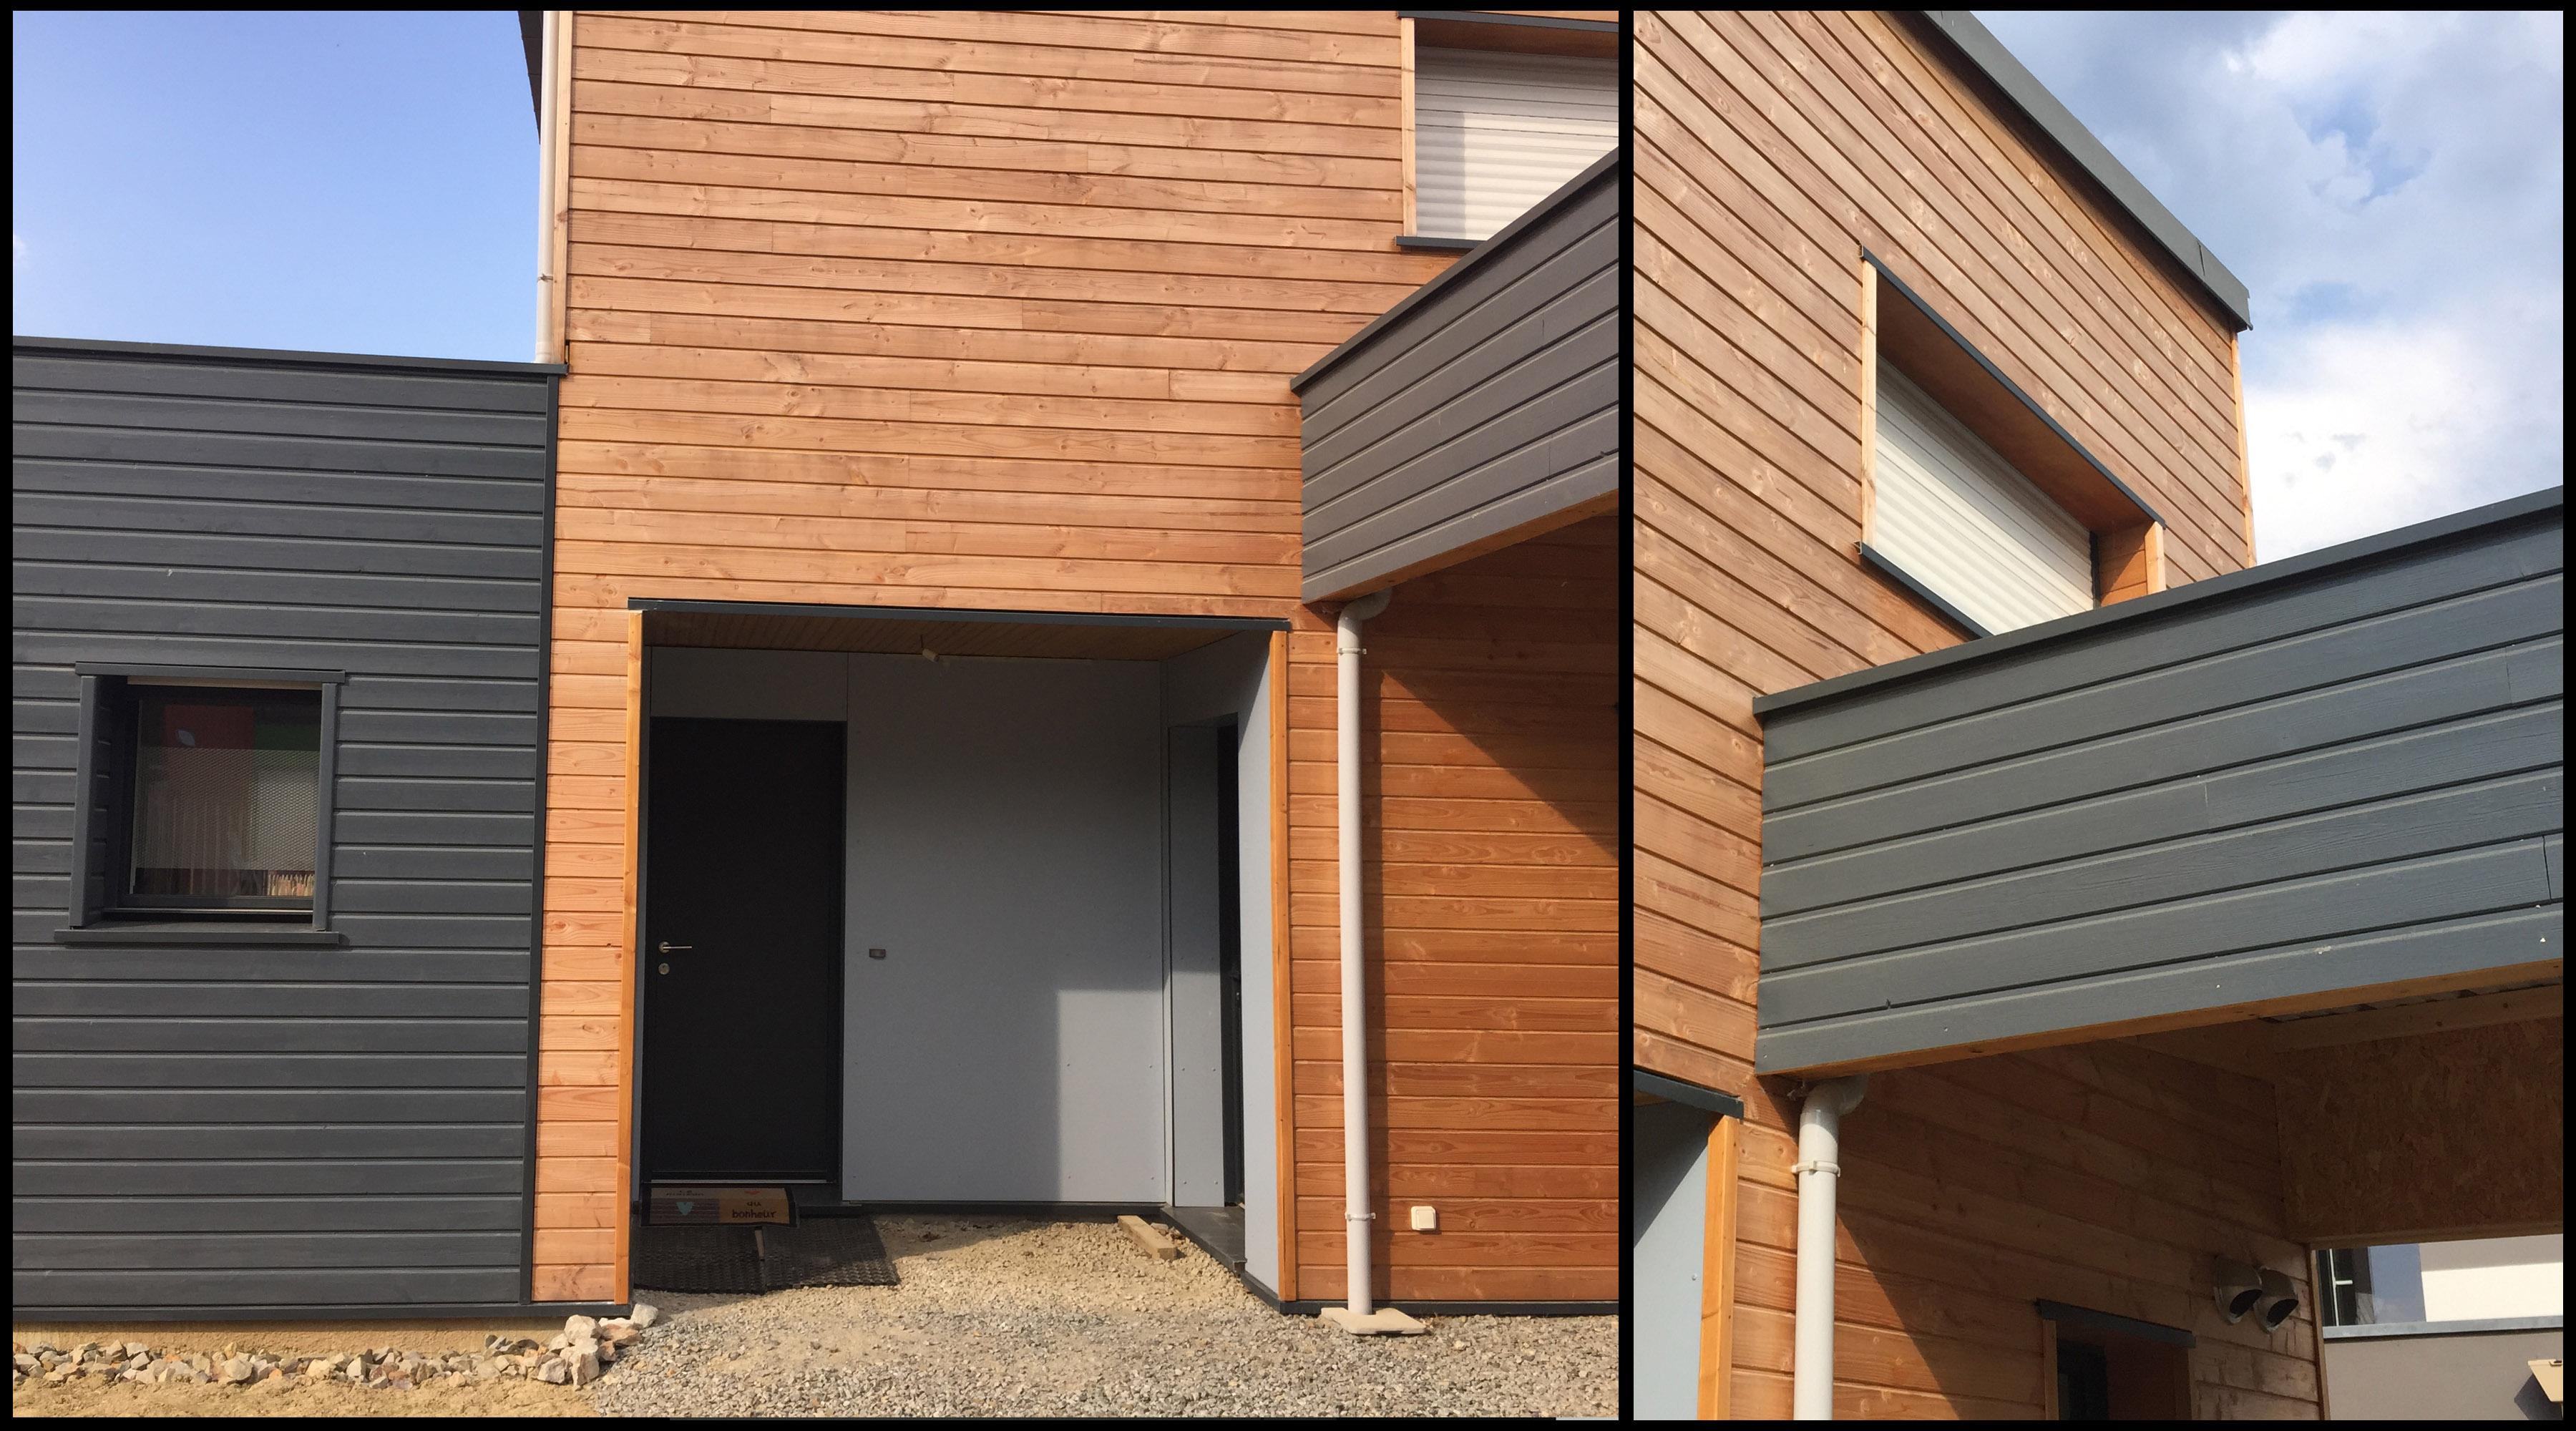 Maison bois 1 2 vue architecte lise roturier rennes 35000 for Construction bois 35